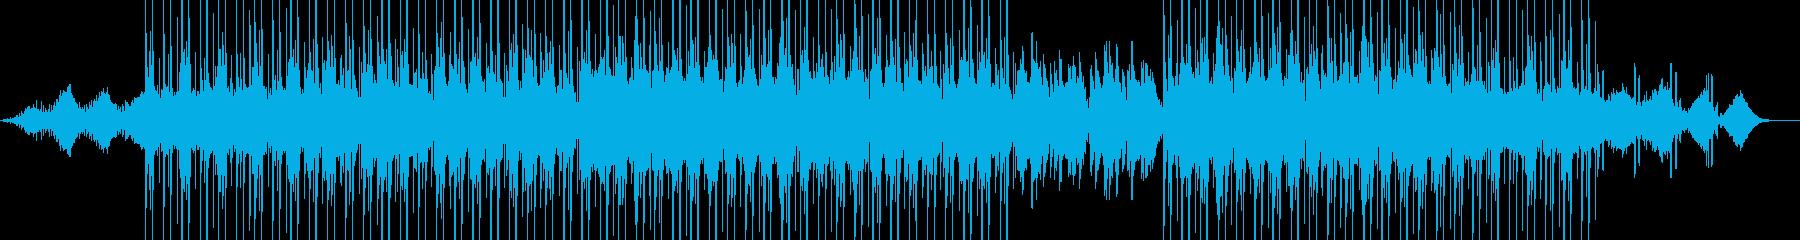 静寂、クールダウンな場面向けの再生済みの波形